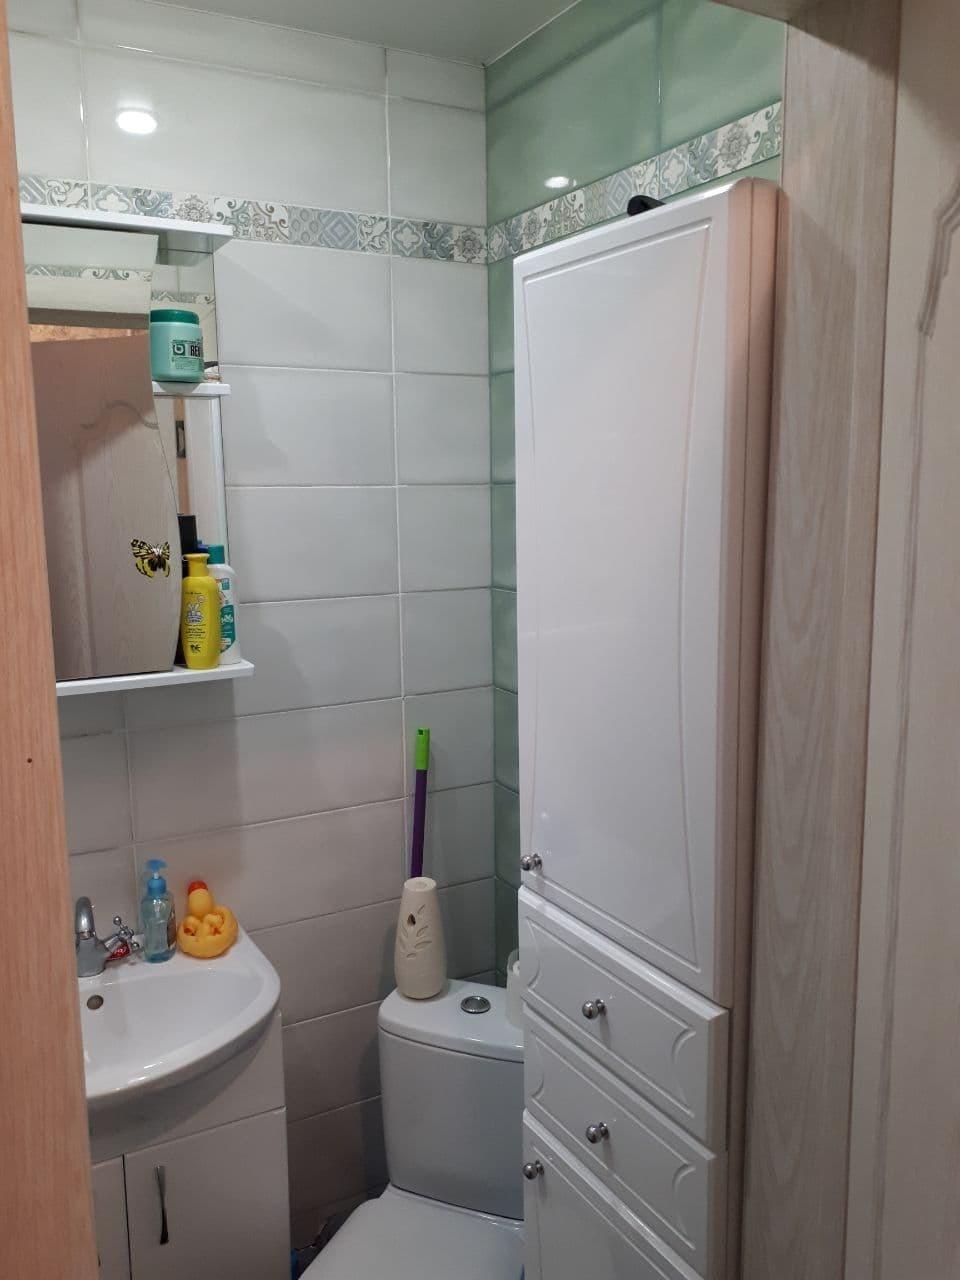 Продажа 1-комнатной квартиры, Сызрань, Жуковского улица,  дом 41